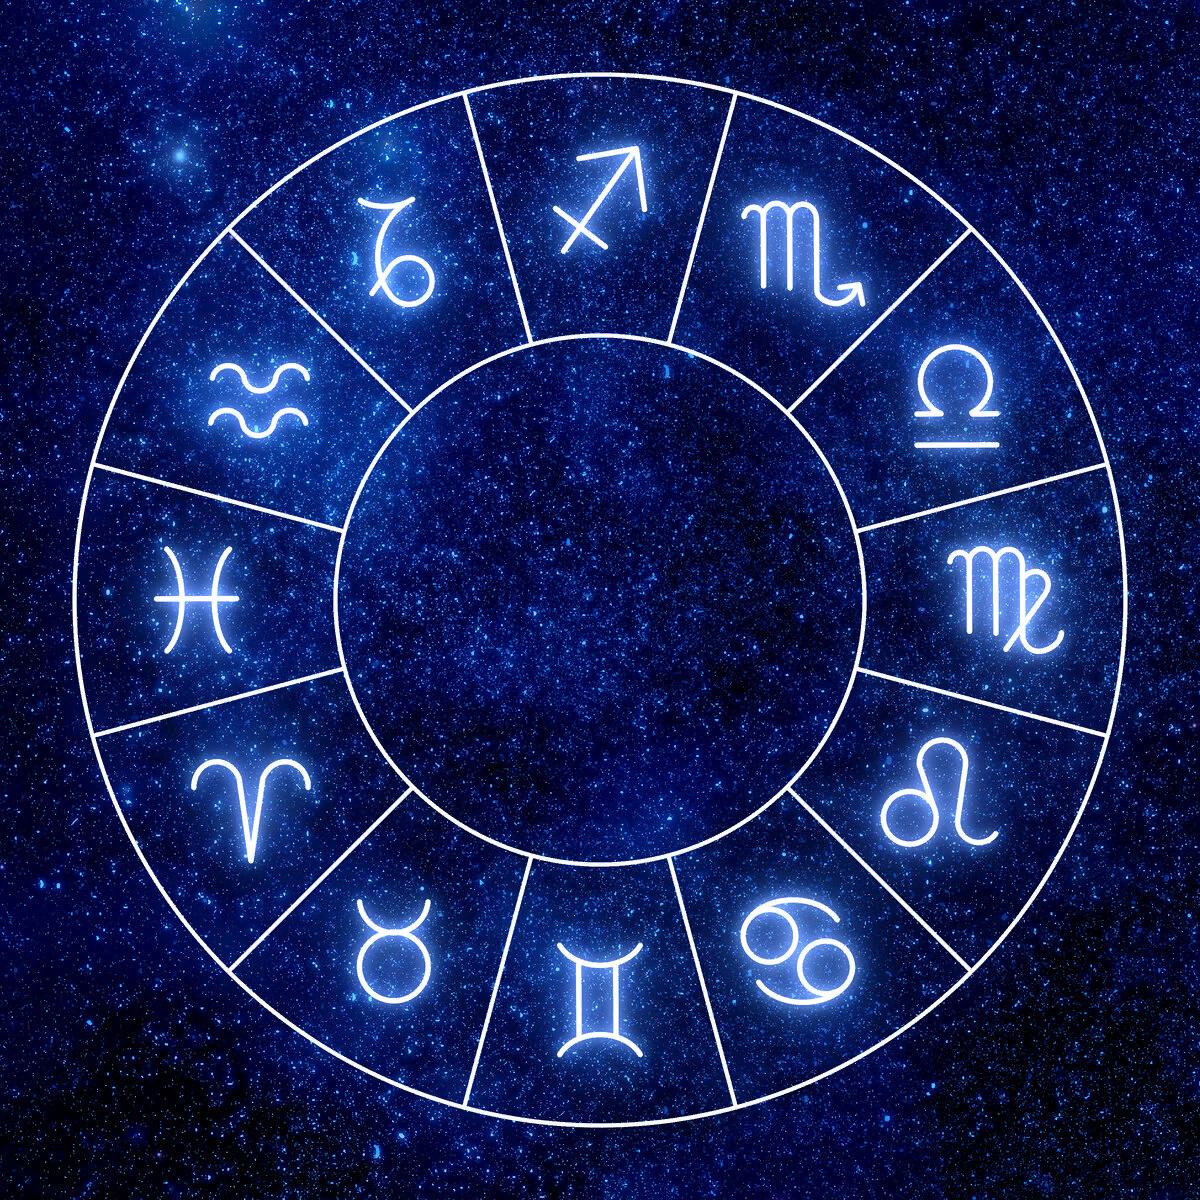 Дни лунного календаря благоприятные для начинаний